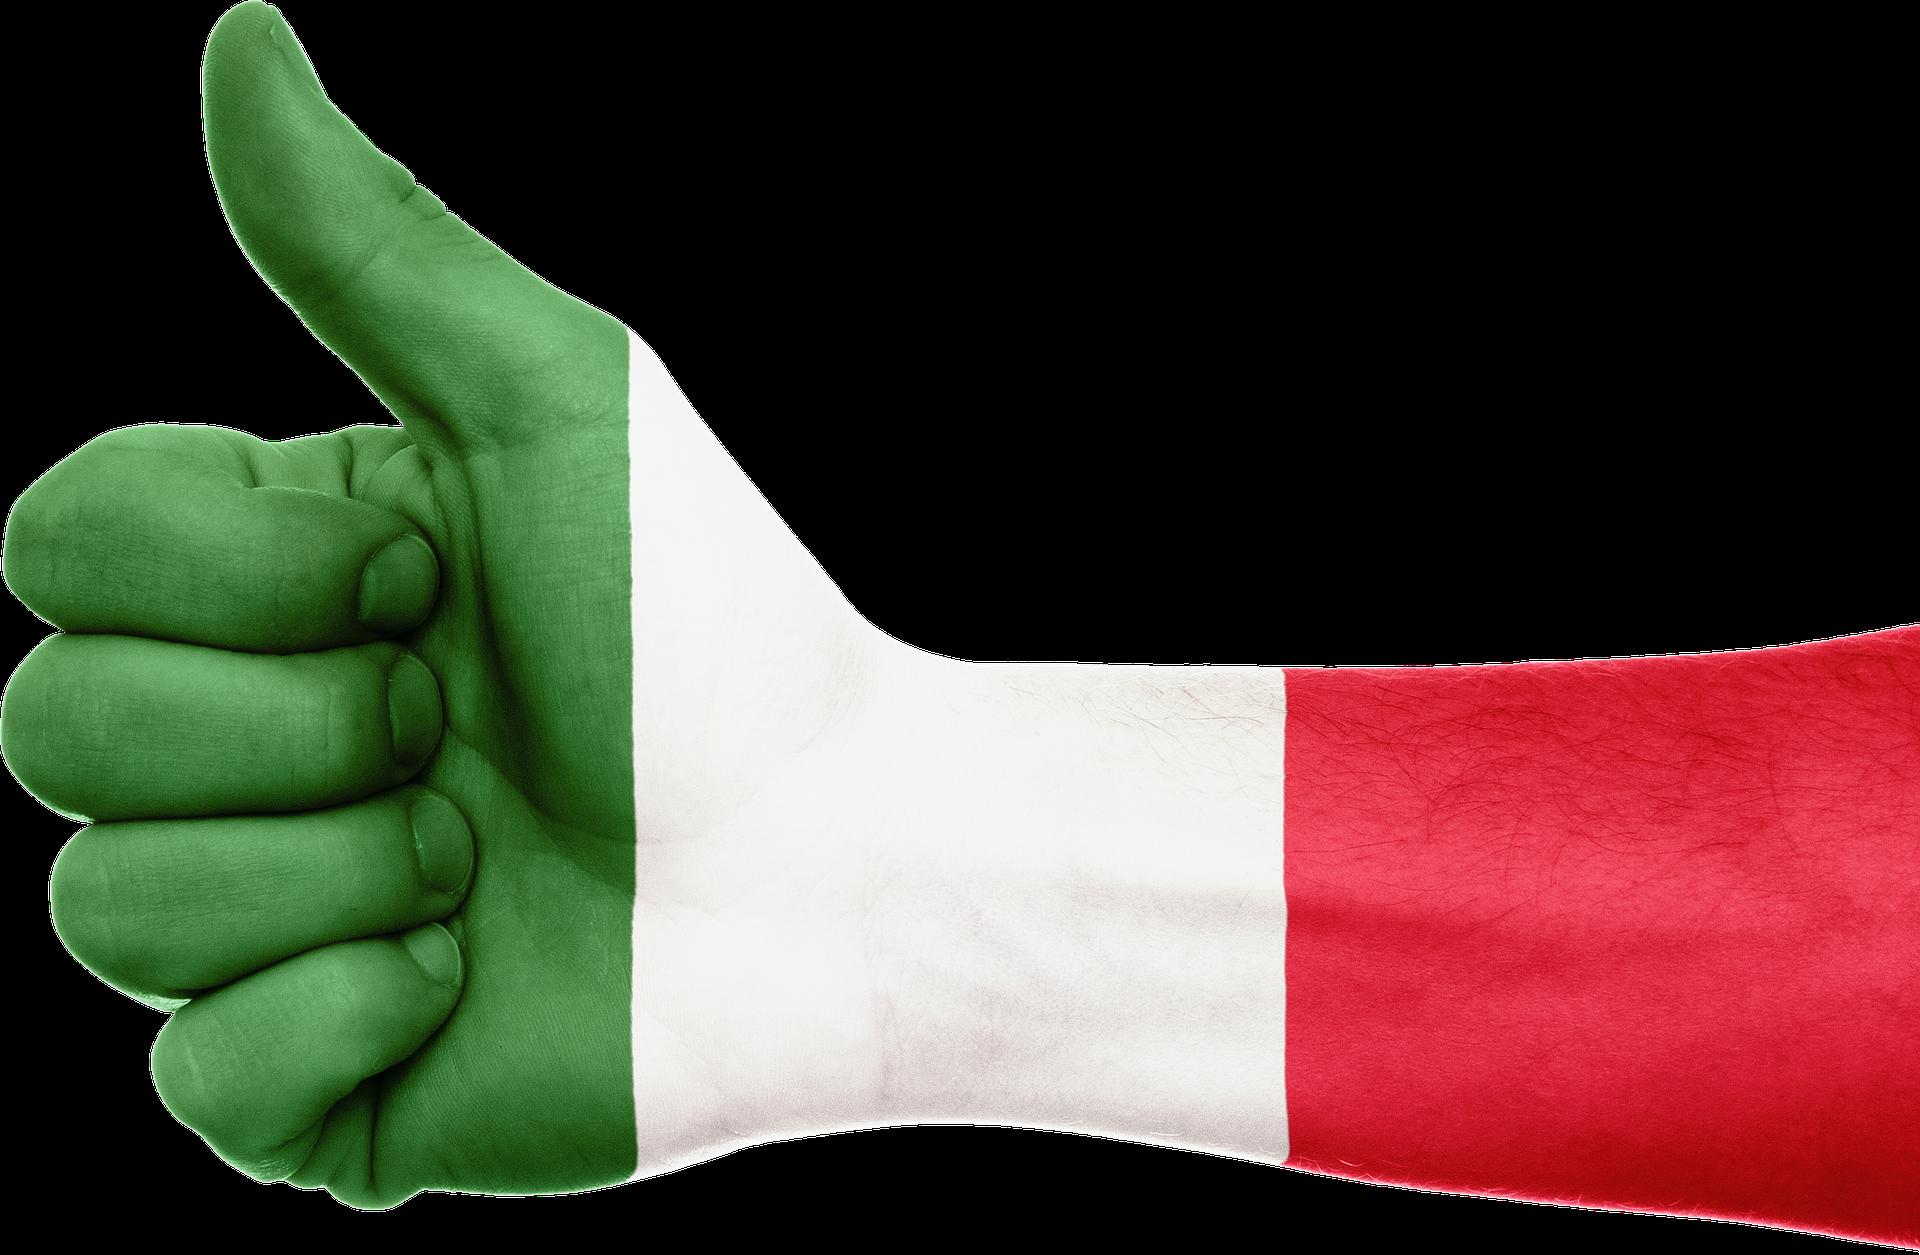 We all feel a little Italian